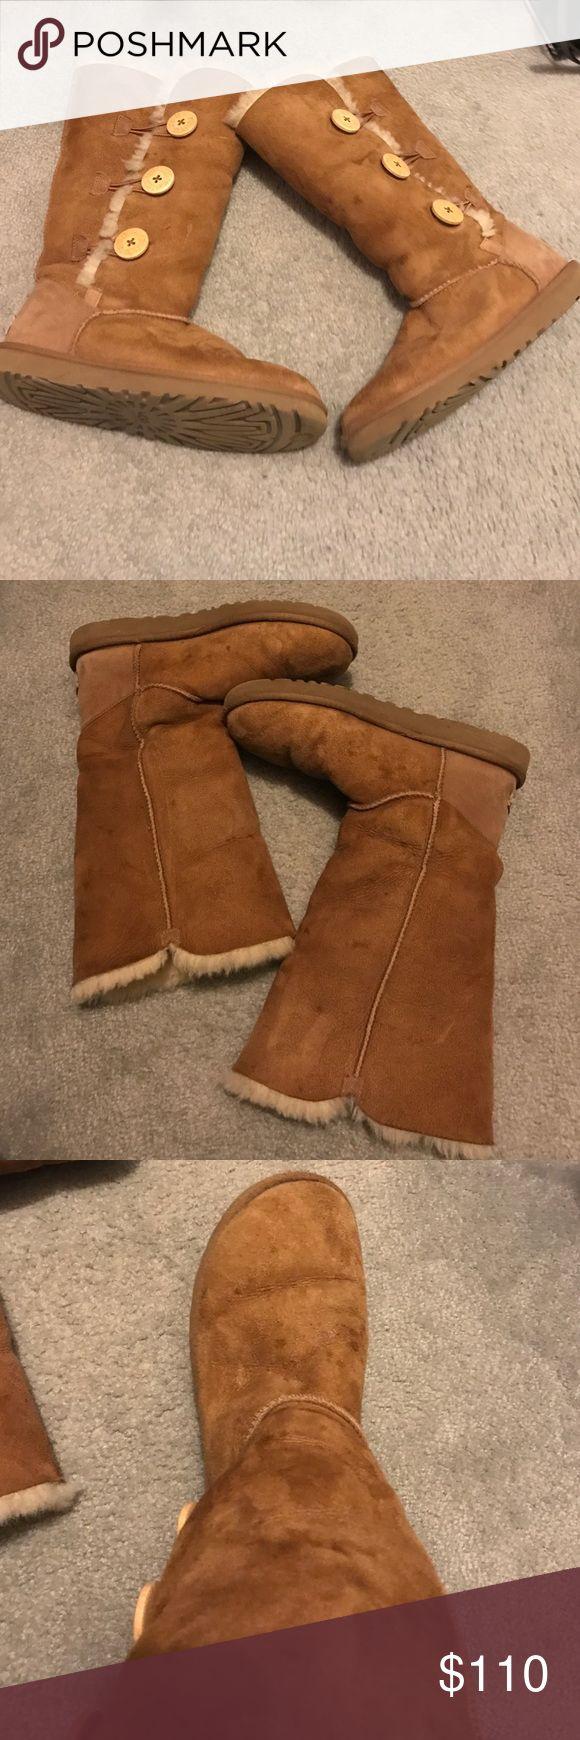 2df295e52a8 netherlands ugg classic short chestnut boots ebay 624b8 8a249